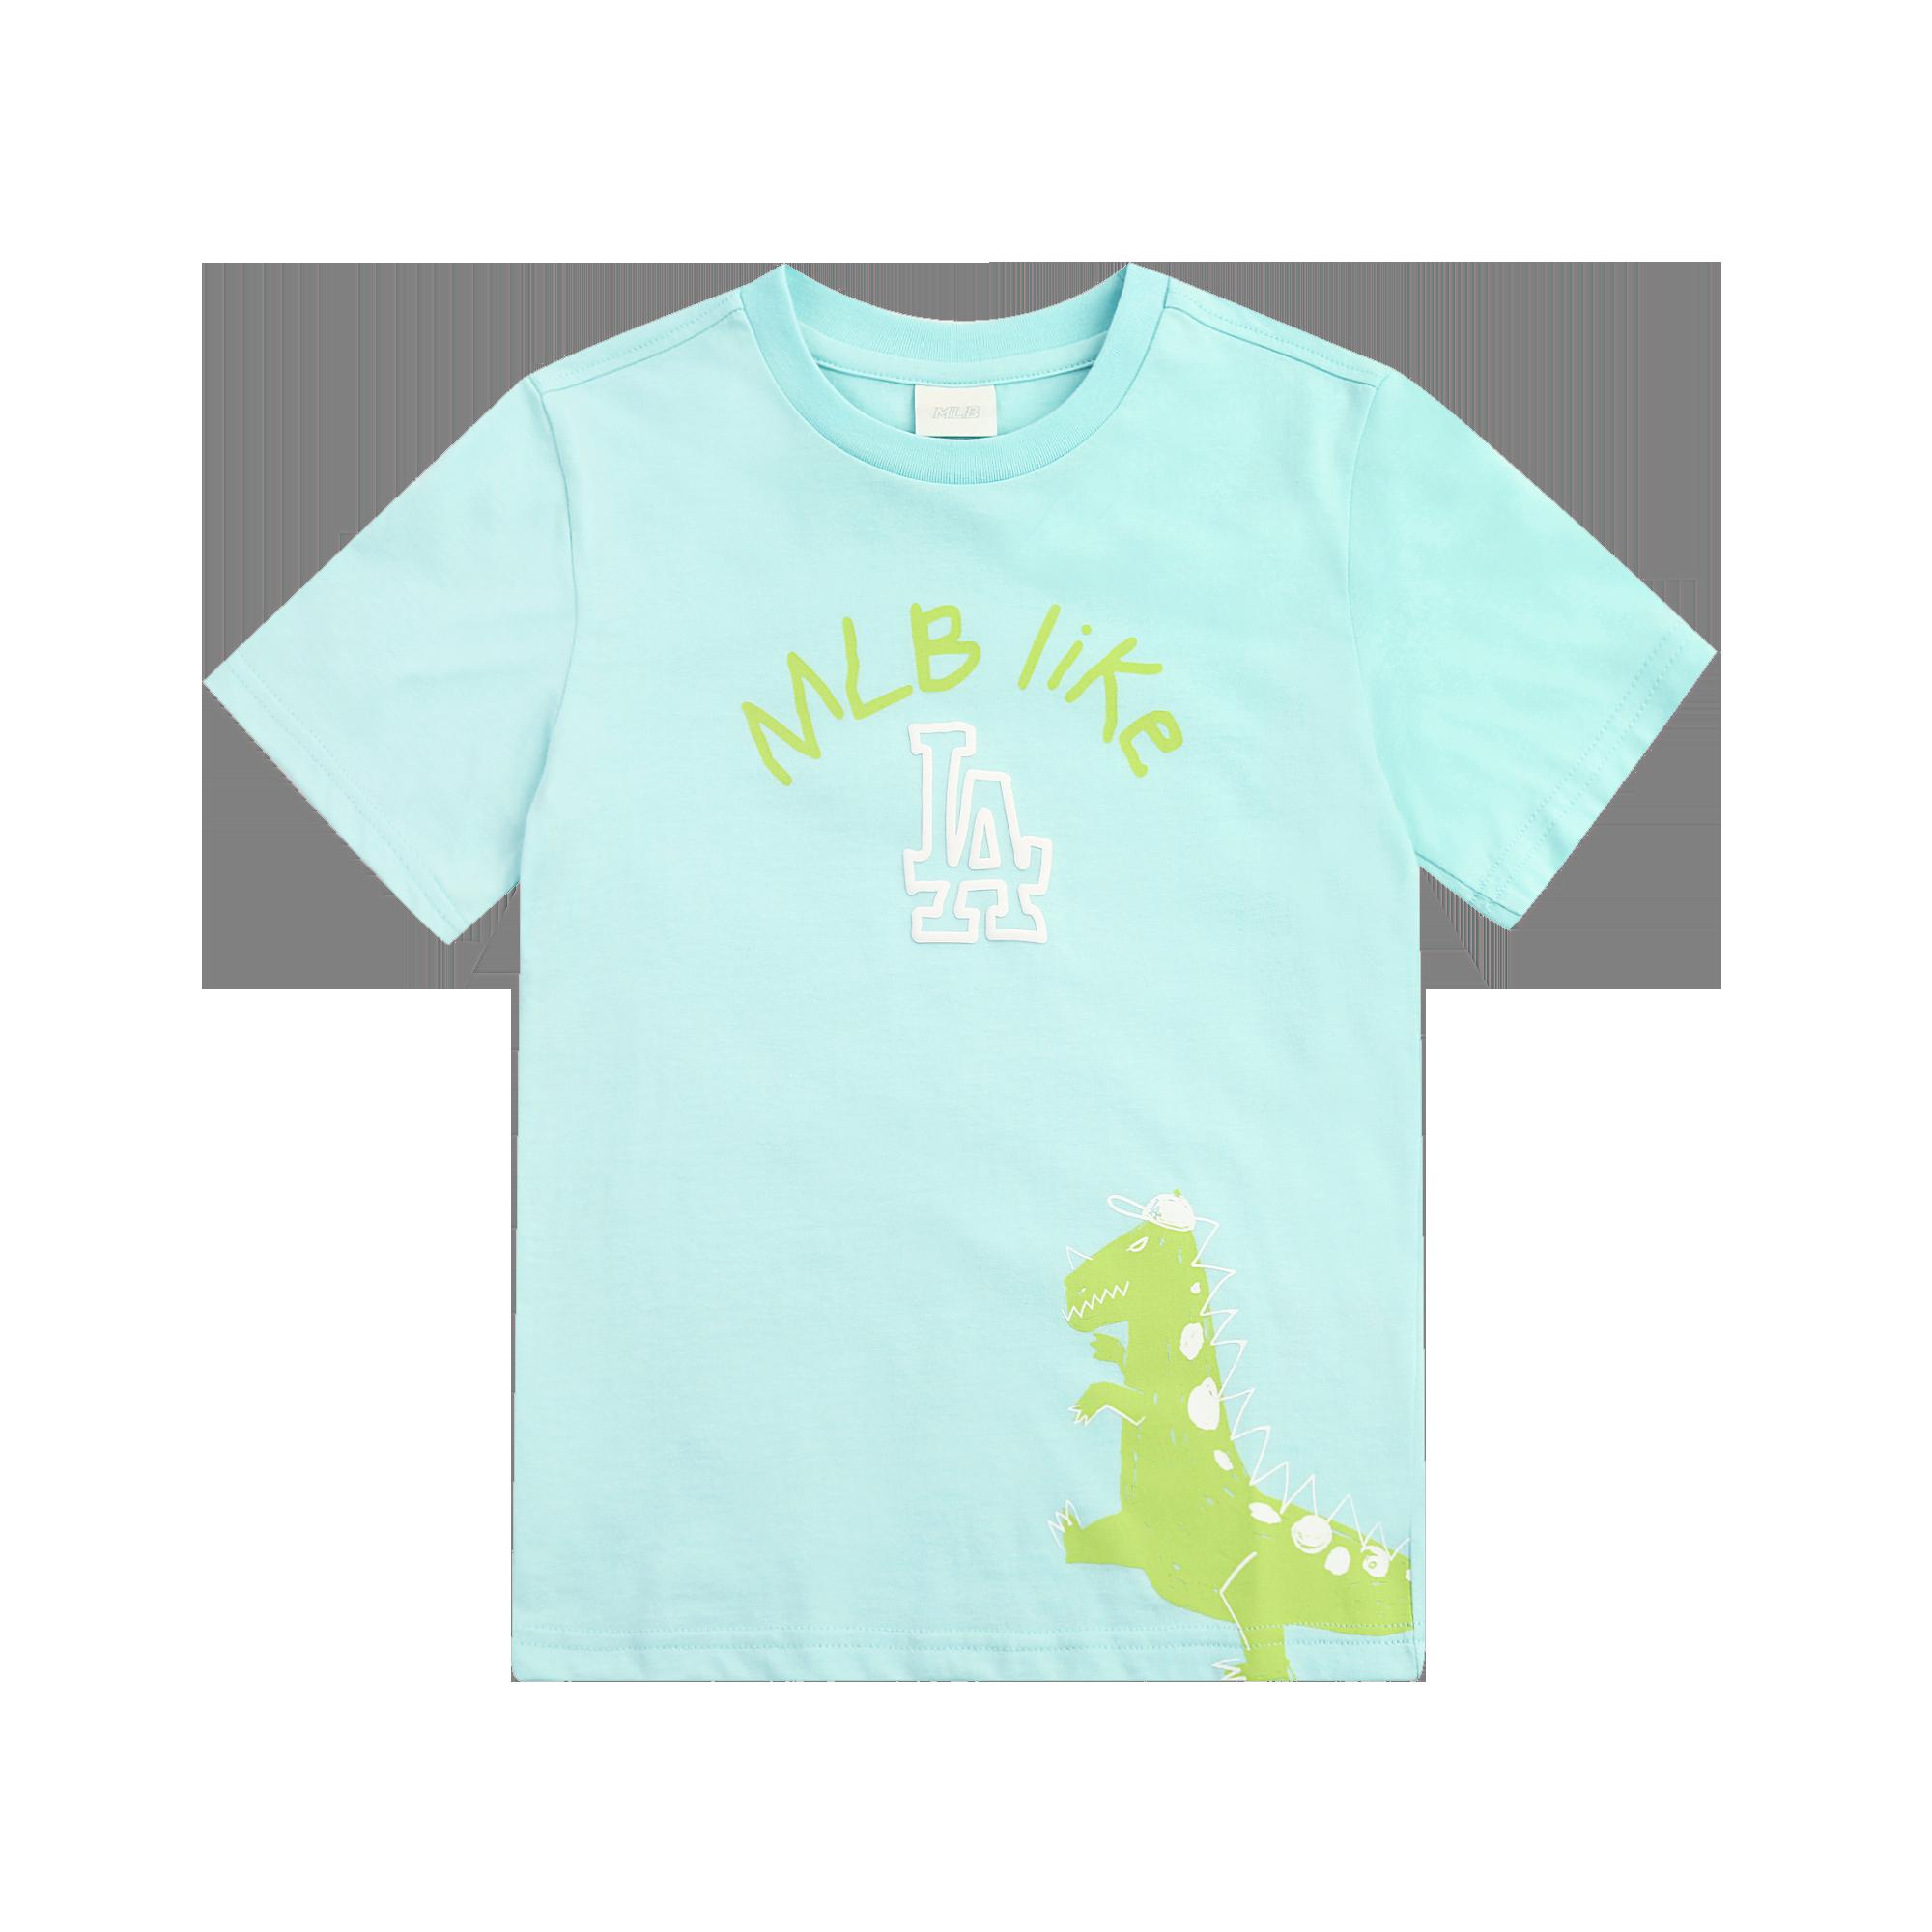 MLB LIKE 키노 티셔츠 LA다저스